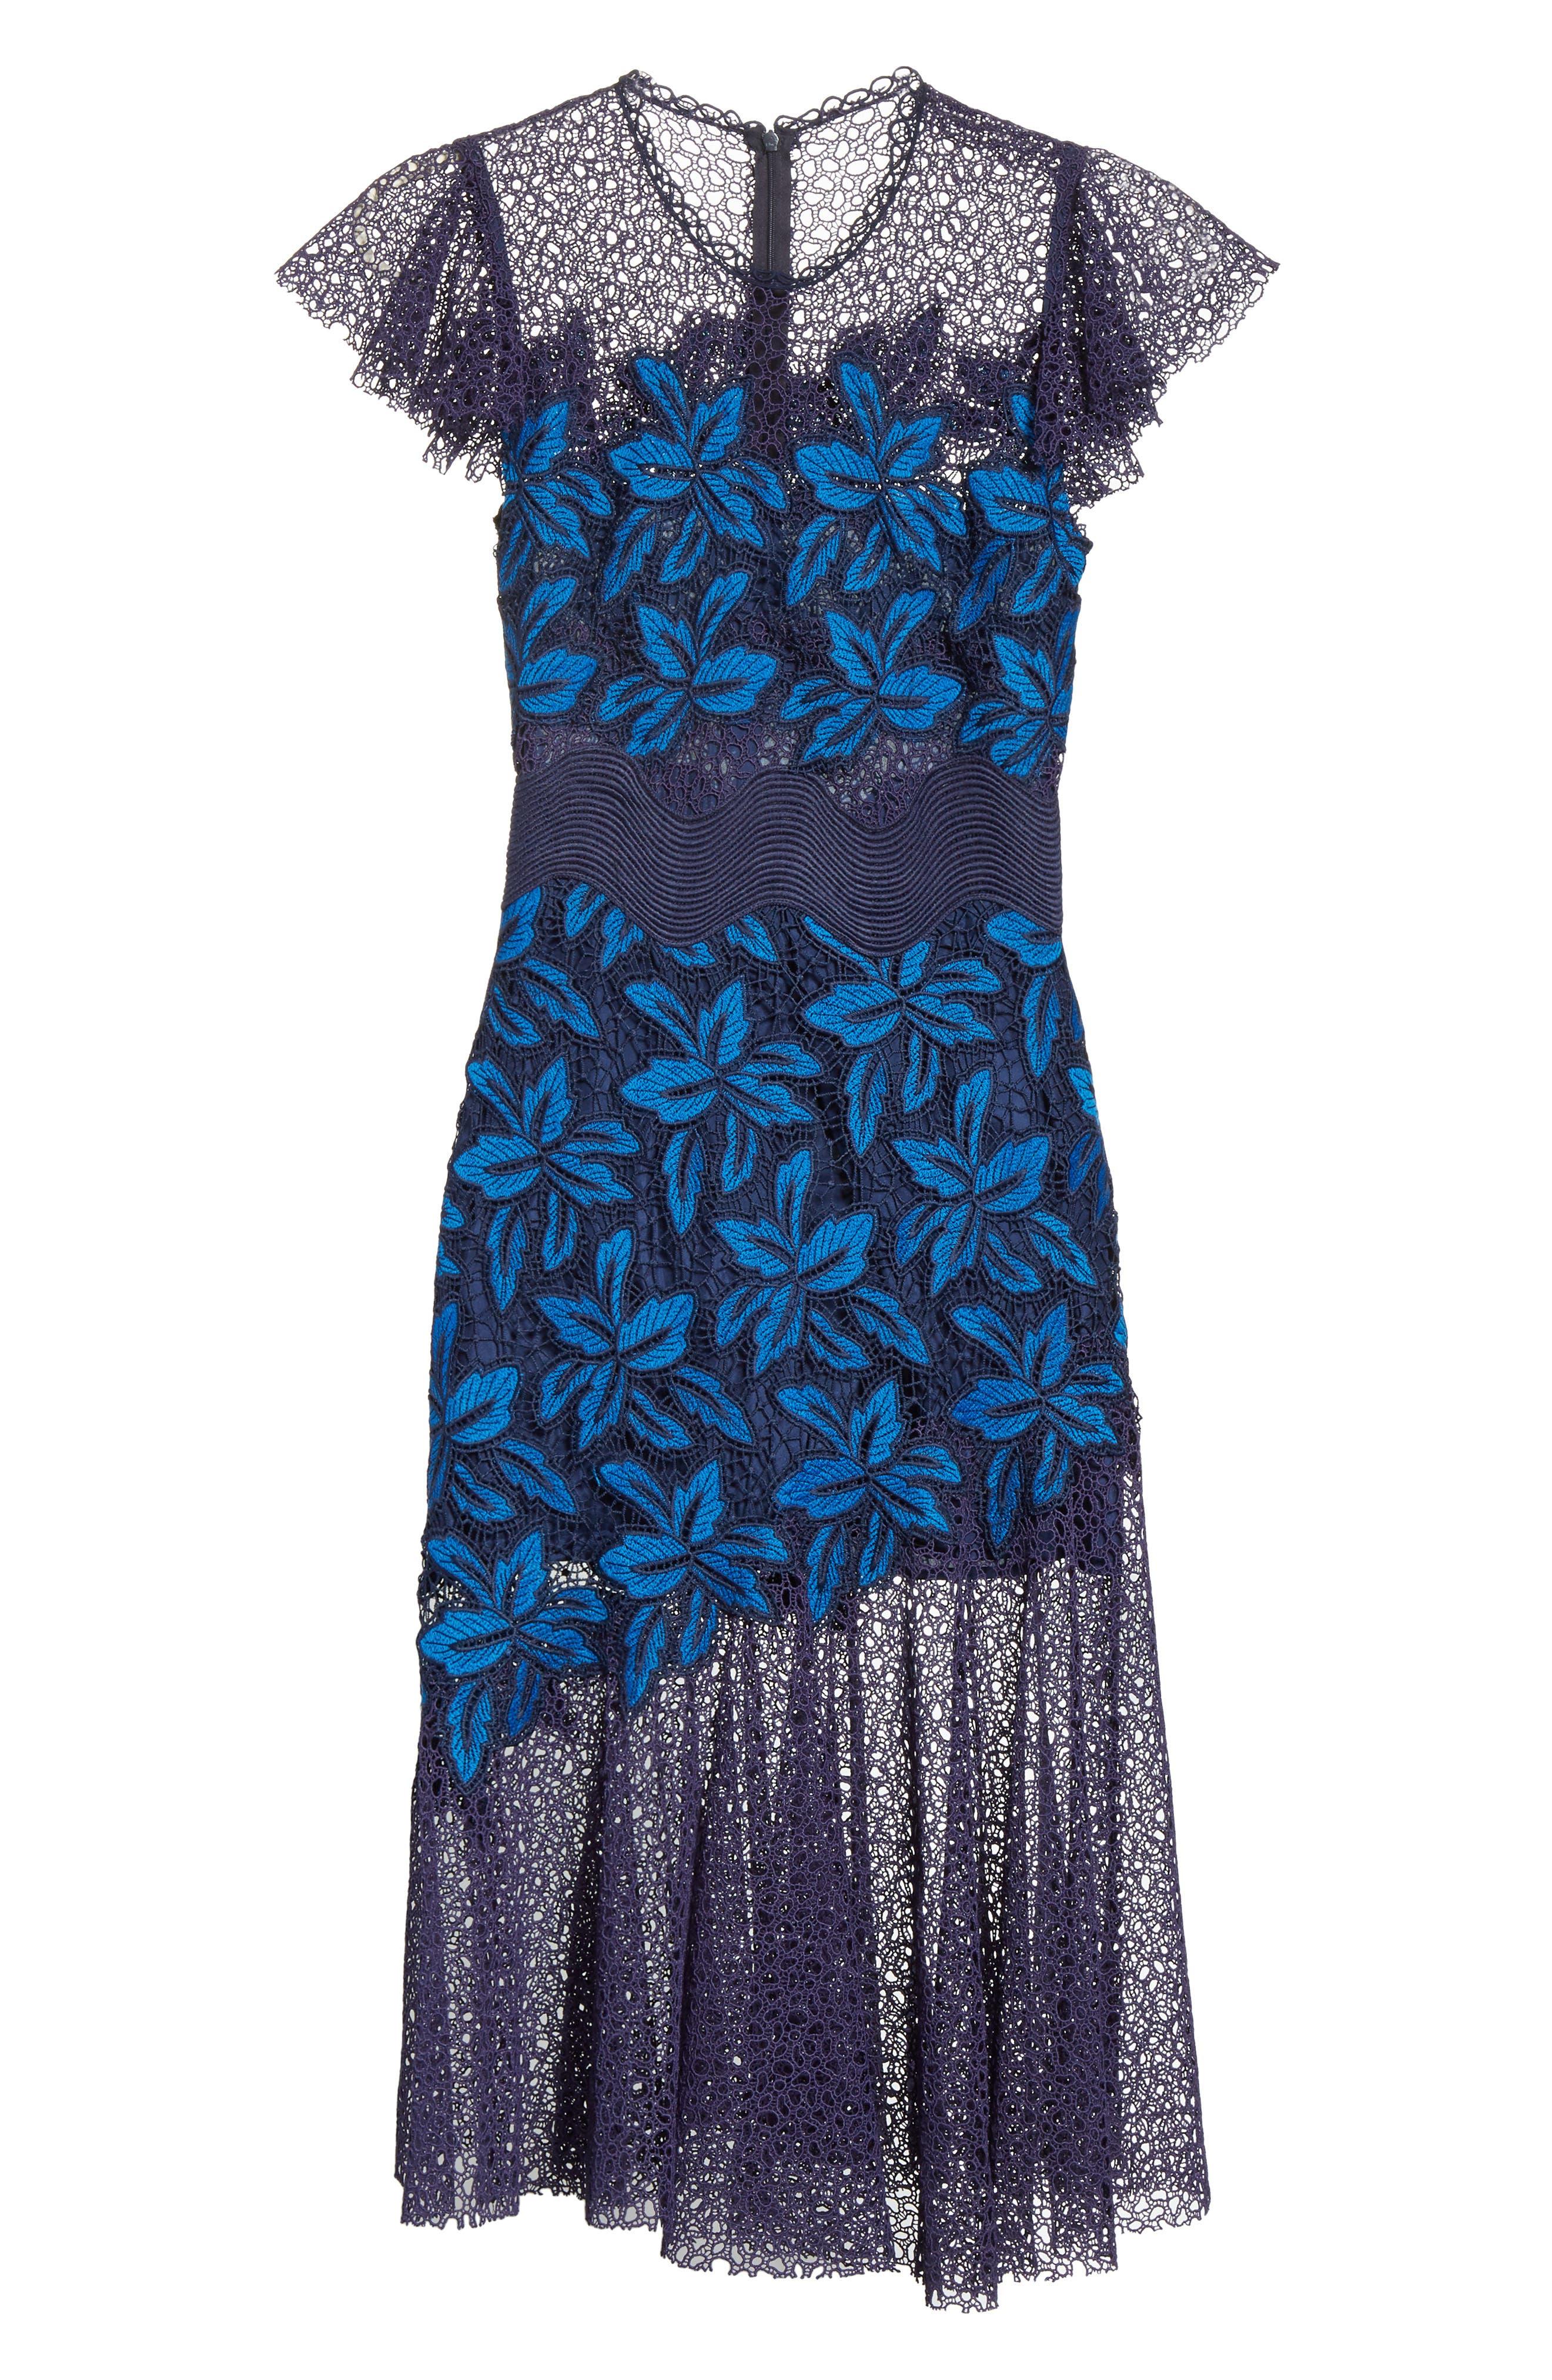 Mosaic Lace Midi Dress,                             Alternate thumbnail 6, color,                             Blue Multi